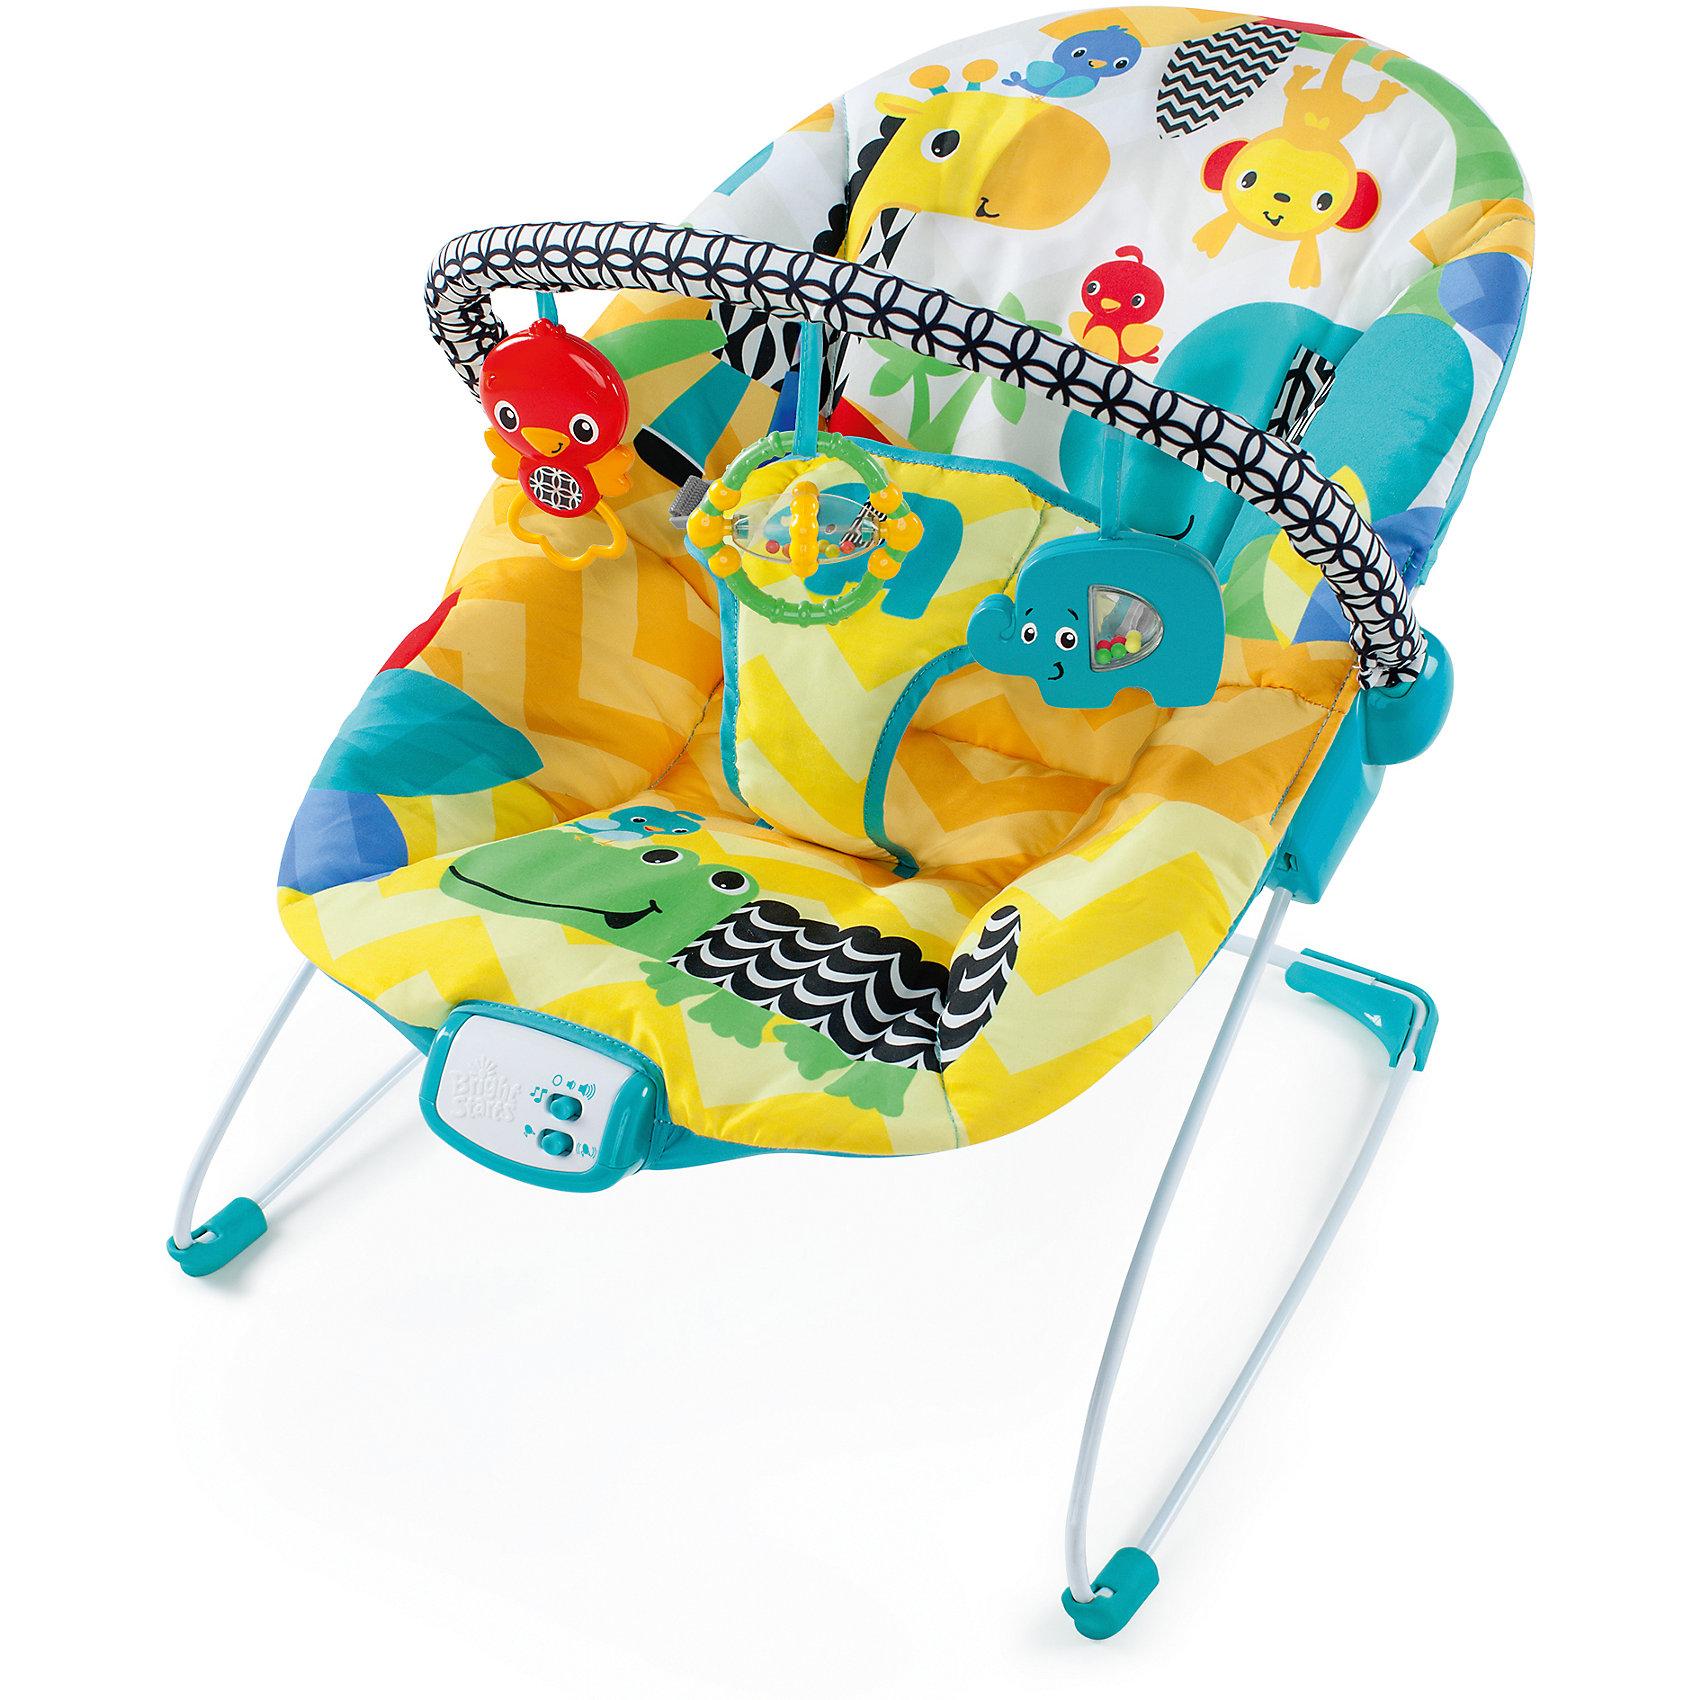 Кресло-качалка «Солнечное сафари» 2016, Bright StartsКресла-качалки<br>Яркий персонажи развлекут вашего малыша, а нежная вибрация поможет его успокоить! <br><br>Особенности<br>Сиденье  колыбельного типа дает дополнительную поддержку спинке малыша<br>Успокаивающая вибрация с 7-ю мелодиями и автоматическим отключением через 15 минут<br>3 забавные игрушки: яркая птичка, погремушка – прорезыватель, слоник с разноцветными бусинами<br>Съемная перекладина легко поворачивается для быстрого доступа к ребенку<br><br>Дополнительные характеристики<br>3-х точечный ремень безопасности<br>3 батарейки типа С<br><br>Ширина мм: 516<br>Глубина мм: 338<br>Высота мм: 84<br>Вес г: 2540<br>Возраст от месяцев: 0<br>Возраст до месяцев: 6<br>Пол: Унисекс<br>Возраст: Детский<br>SKU: 4916504